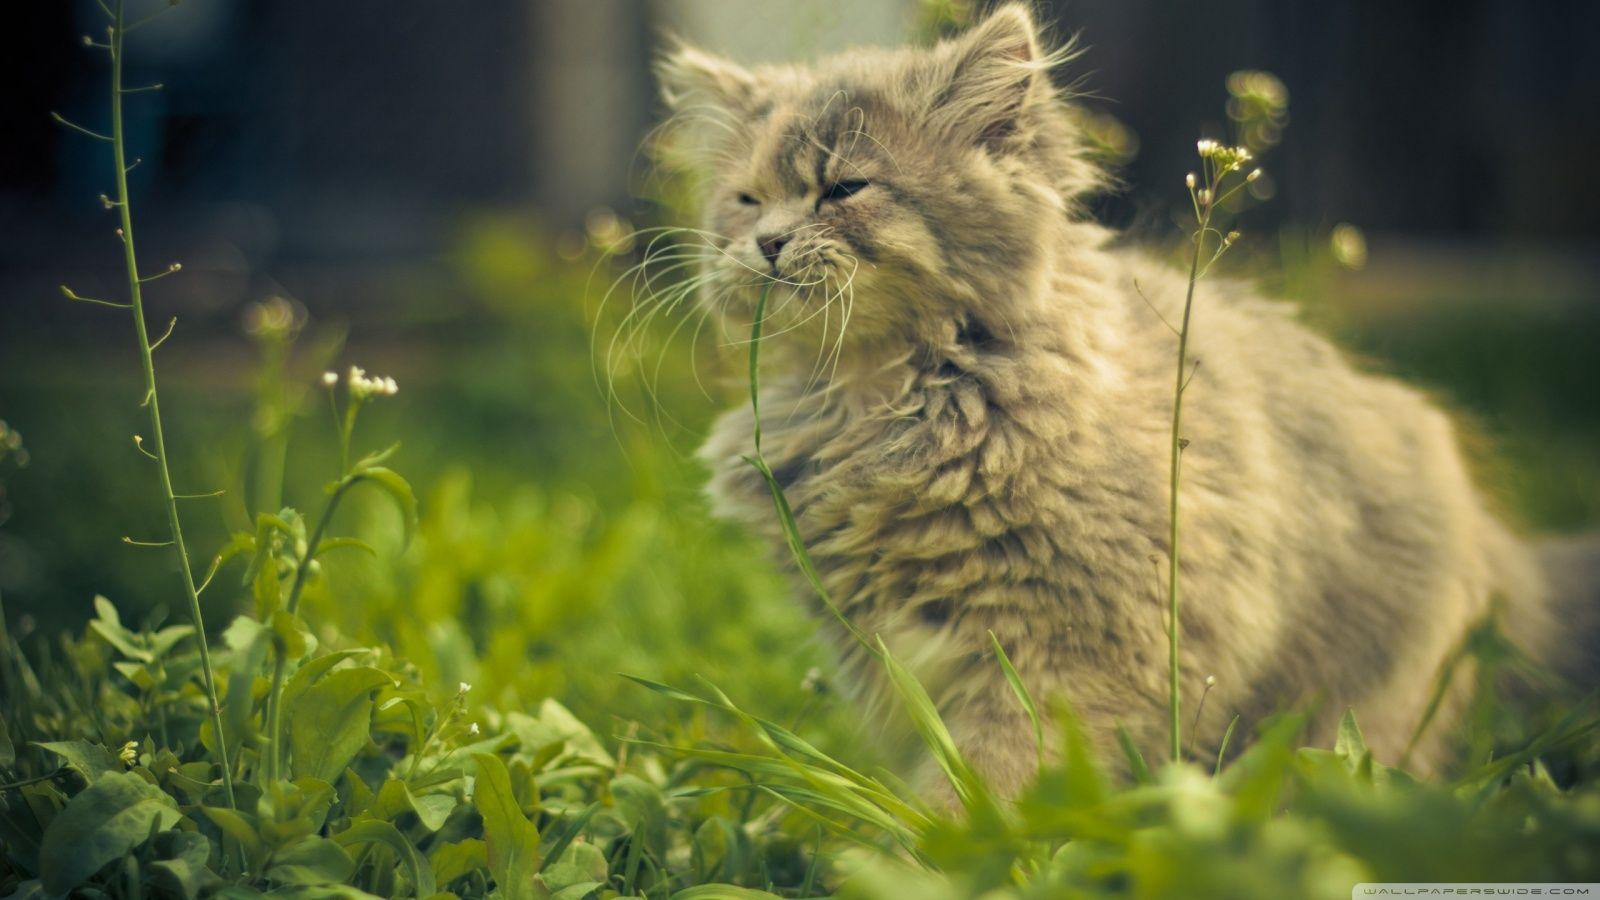 Cat Eating Grass Wallpaper 1600x900 Cat Eating Grass Wallpaper 1600x900 Jpg Photos Fond Ecran Hd Chat